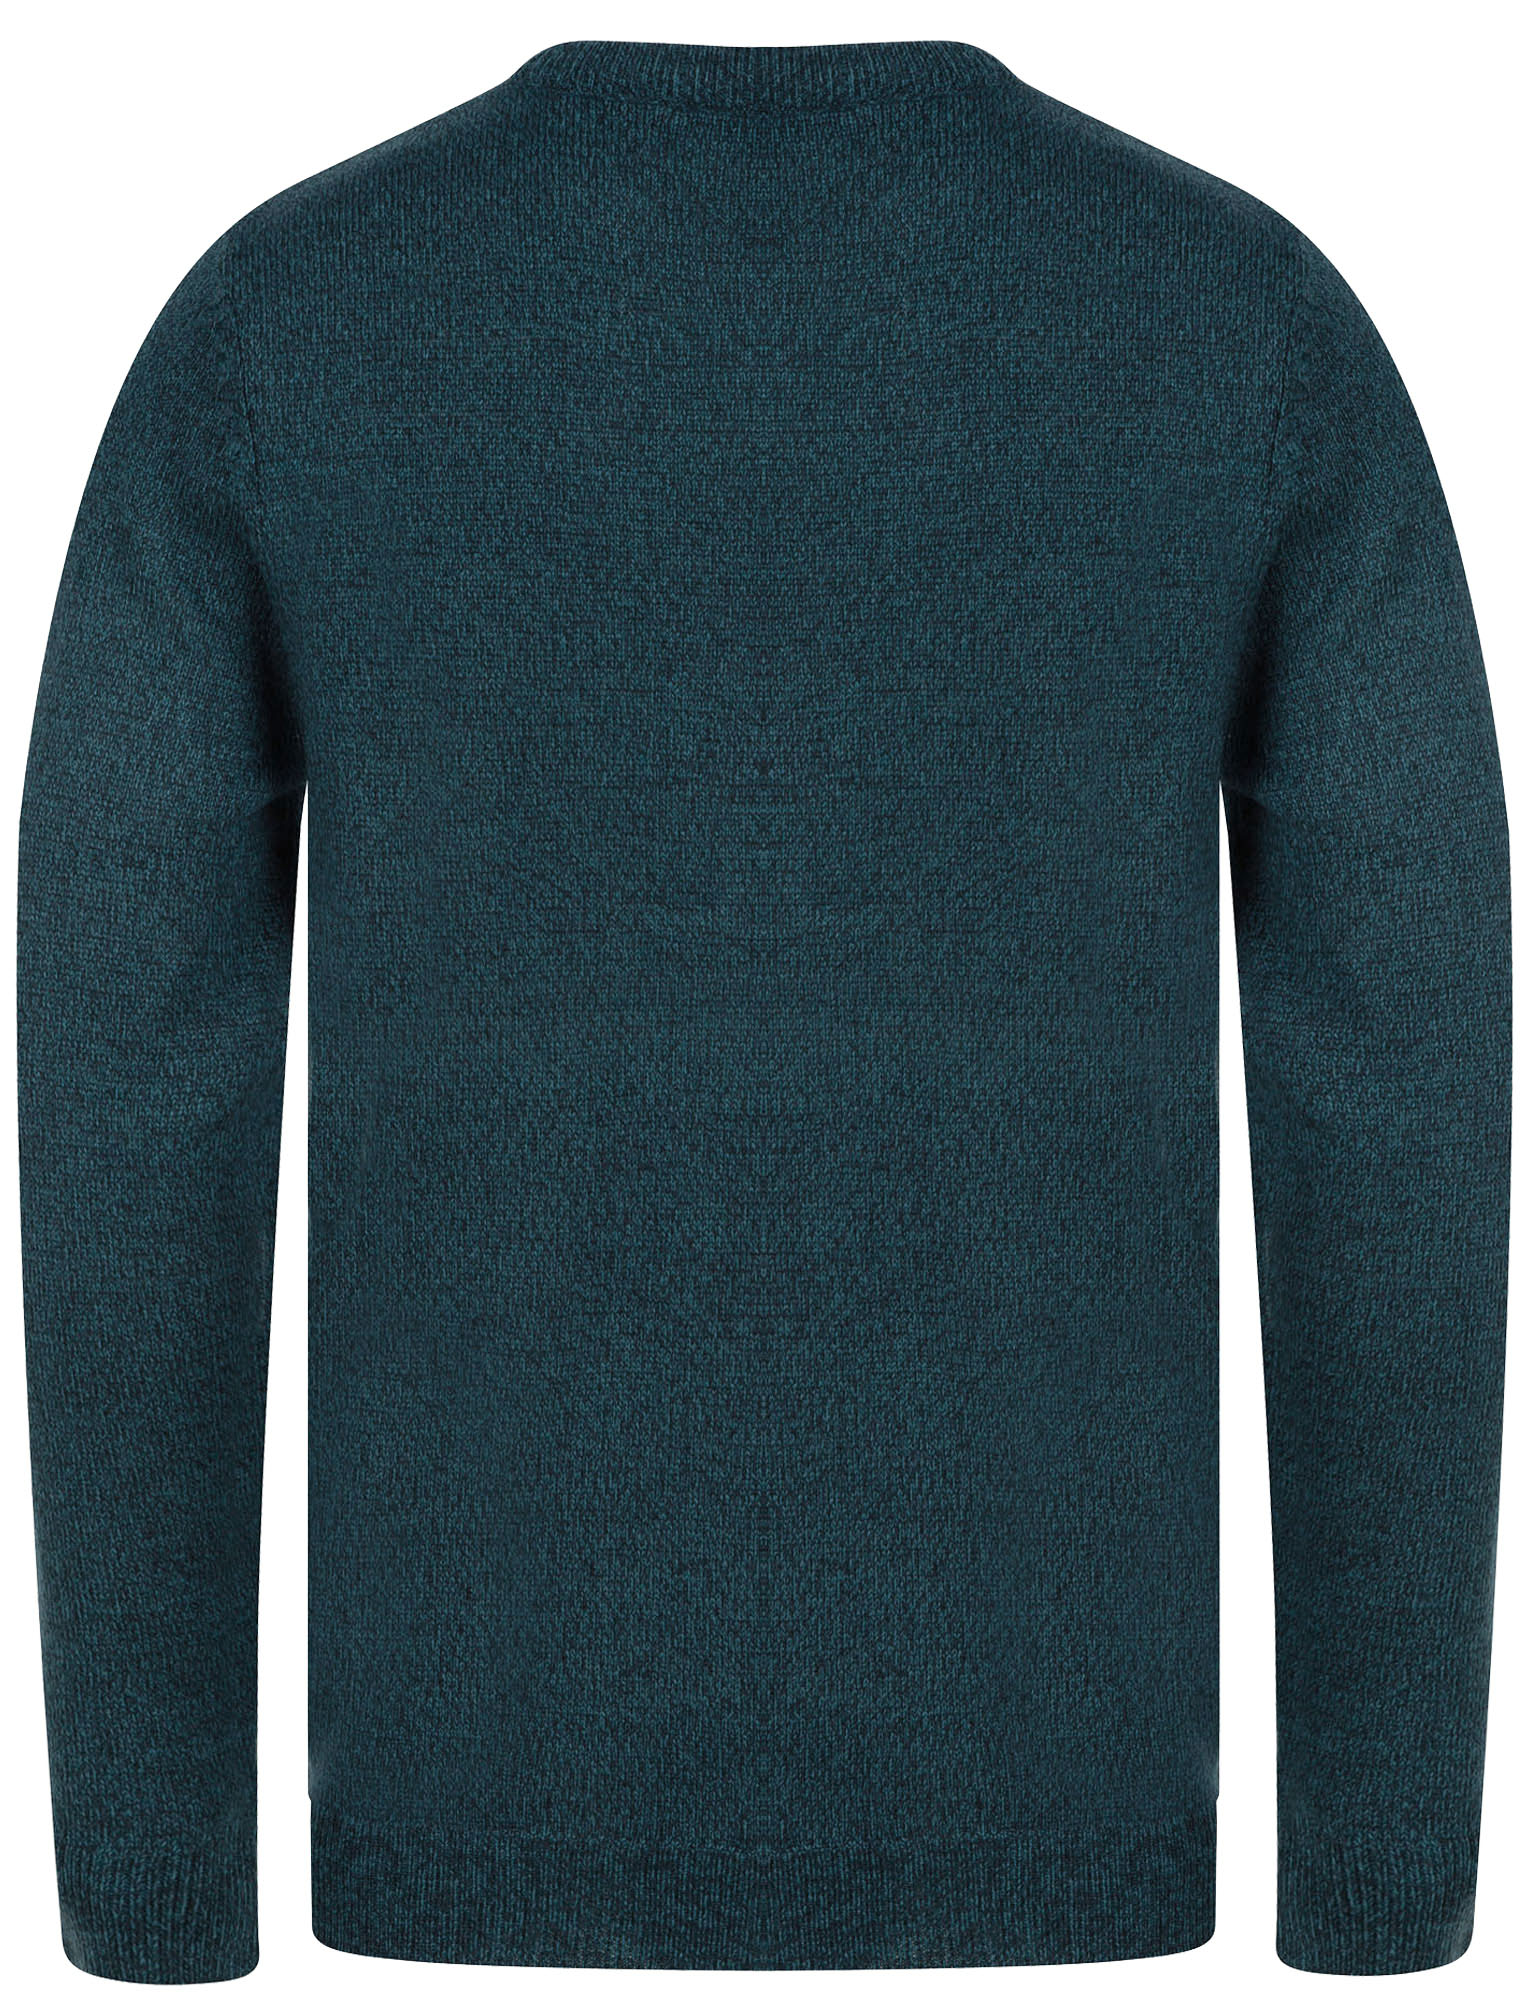 Kensington-Eastside-Men-039-s-Knitted-Crew-or-V-Neck-Jumper-Sweater-Top-Pullover thumbnail 88